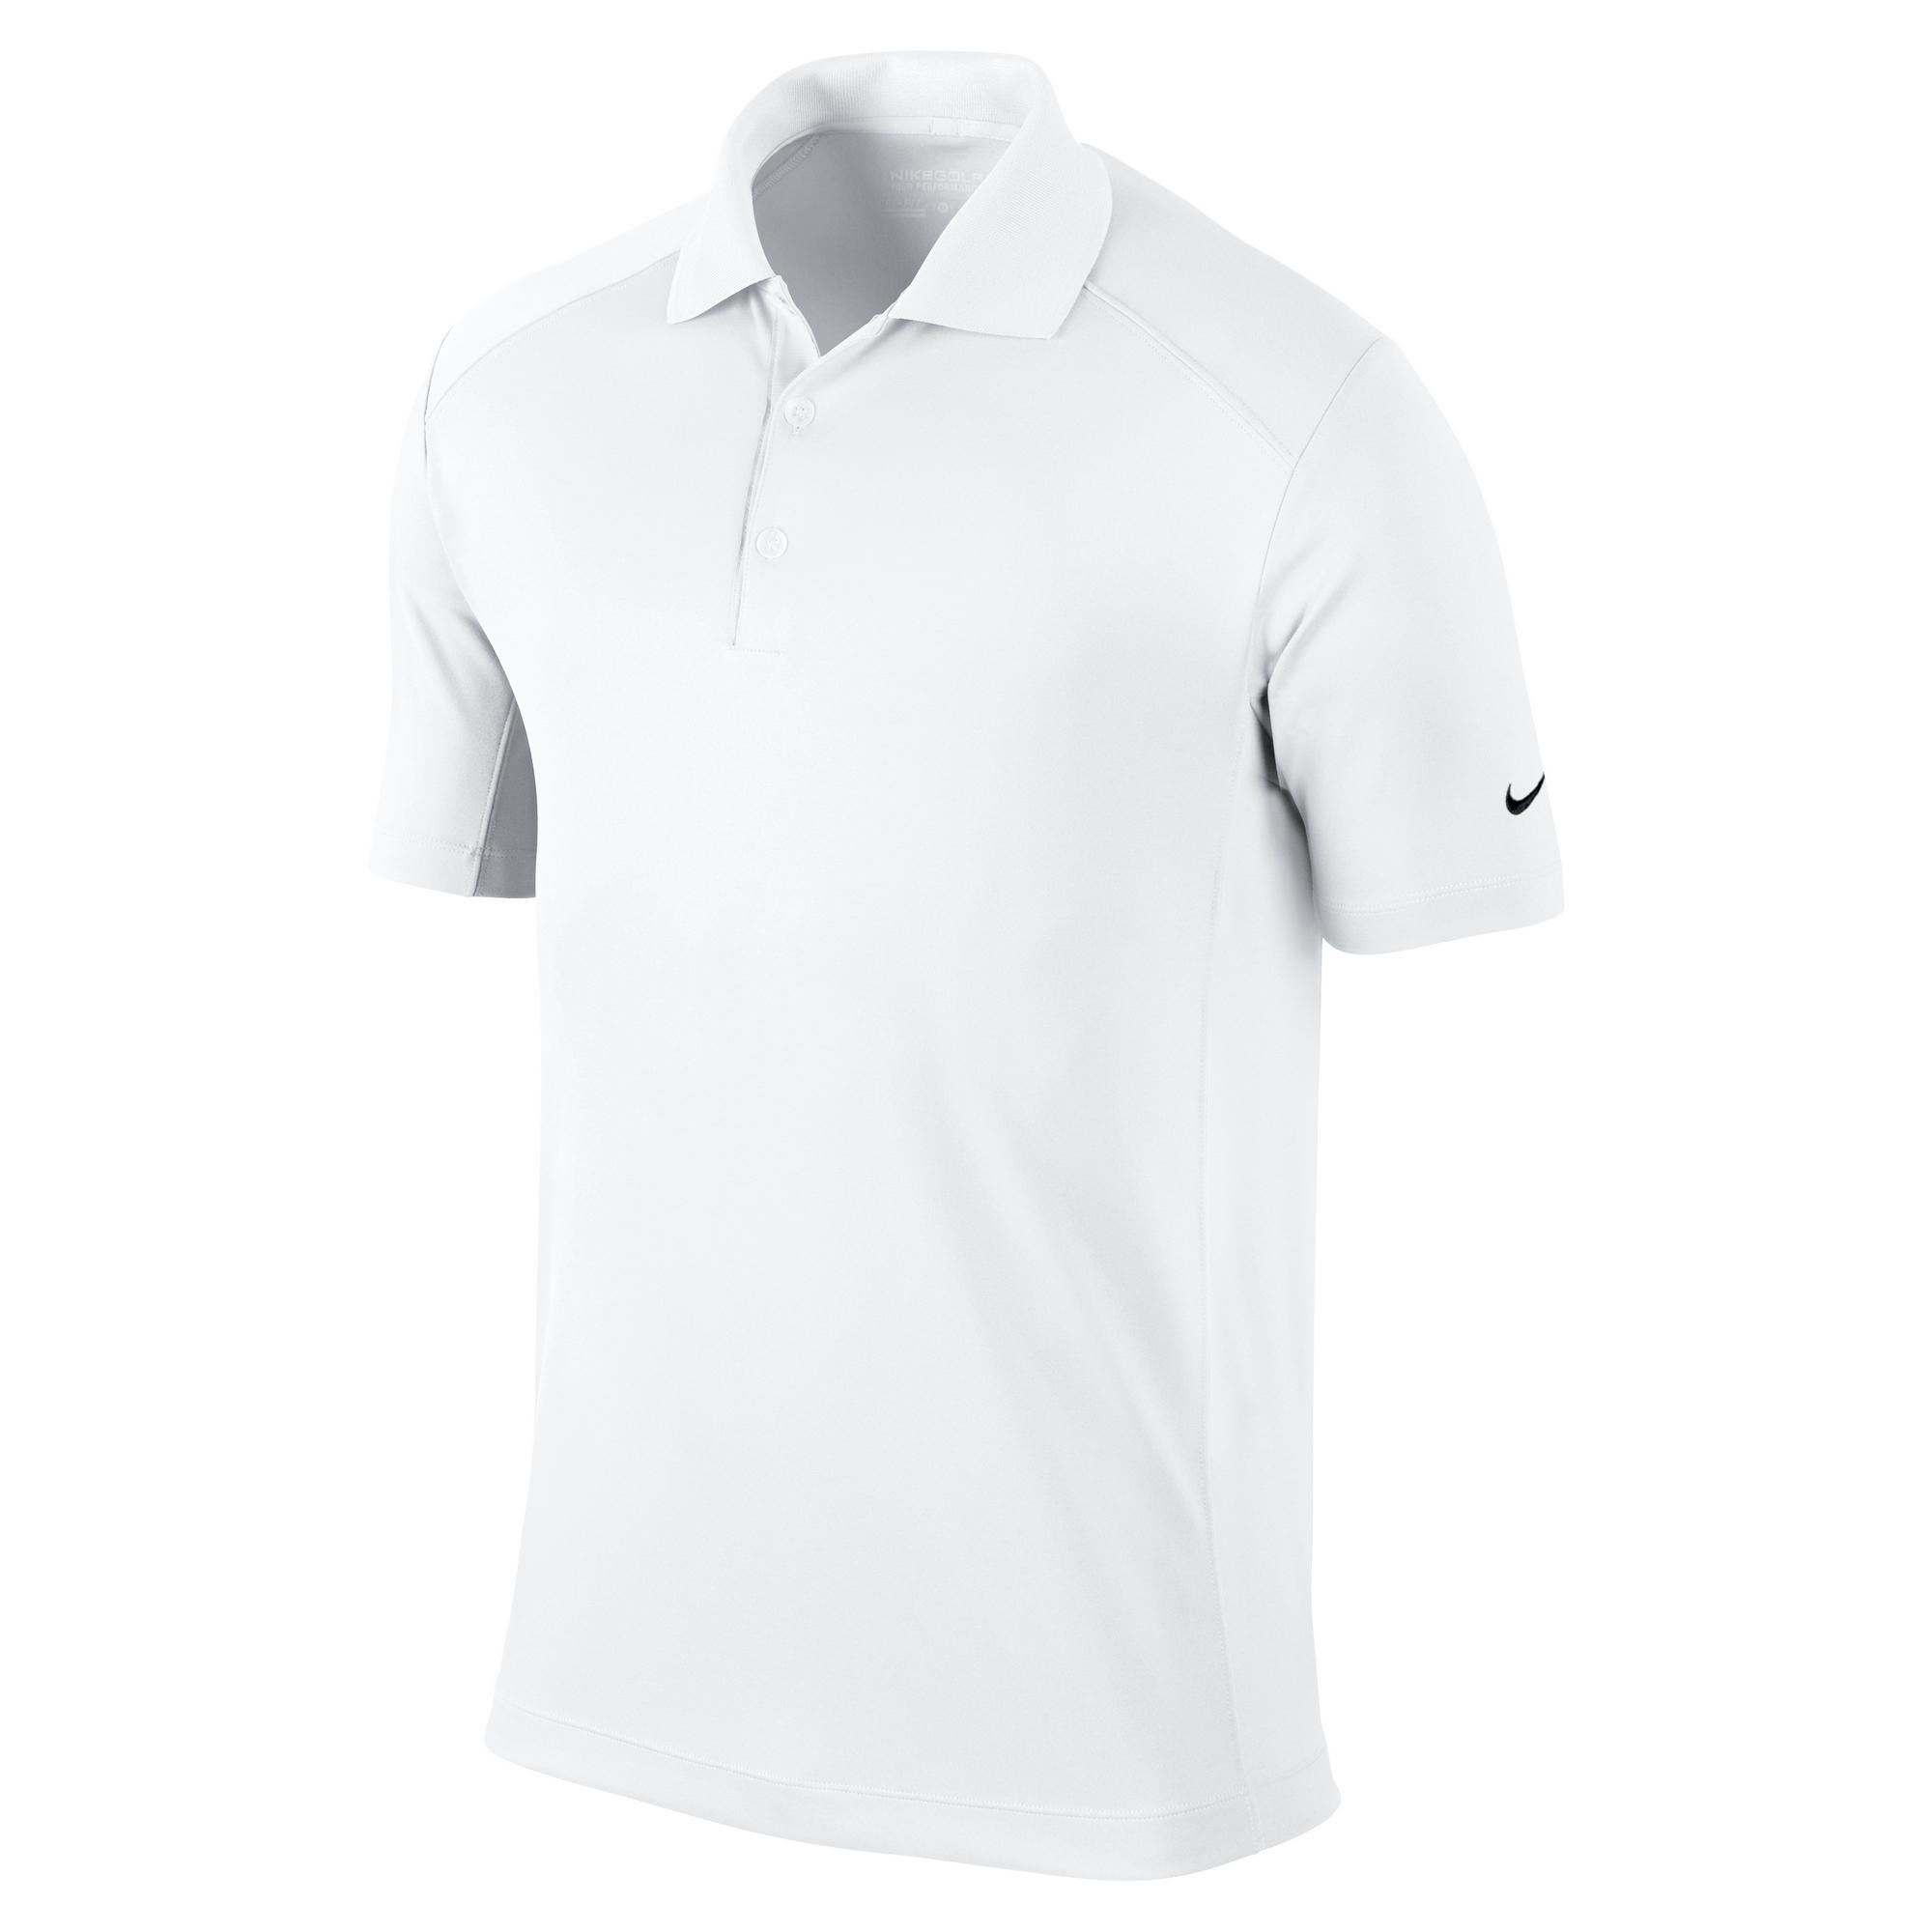 Nike mens victory sports polo shirt tshirt top szs s xxl for Nike custom polo shirts